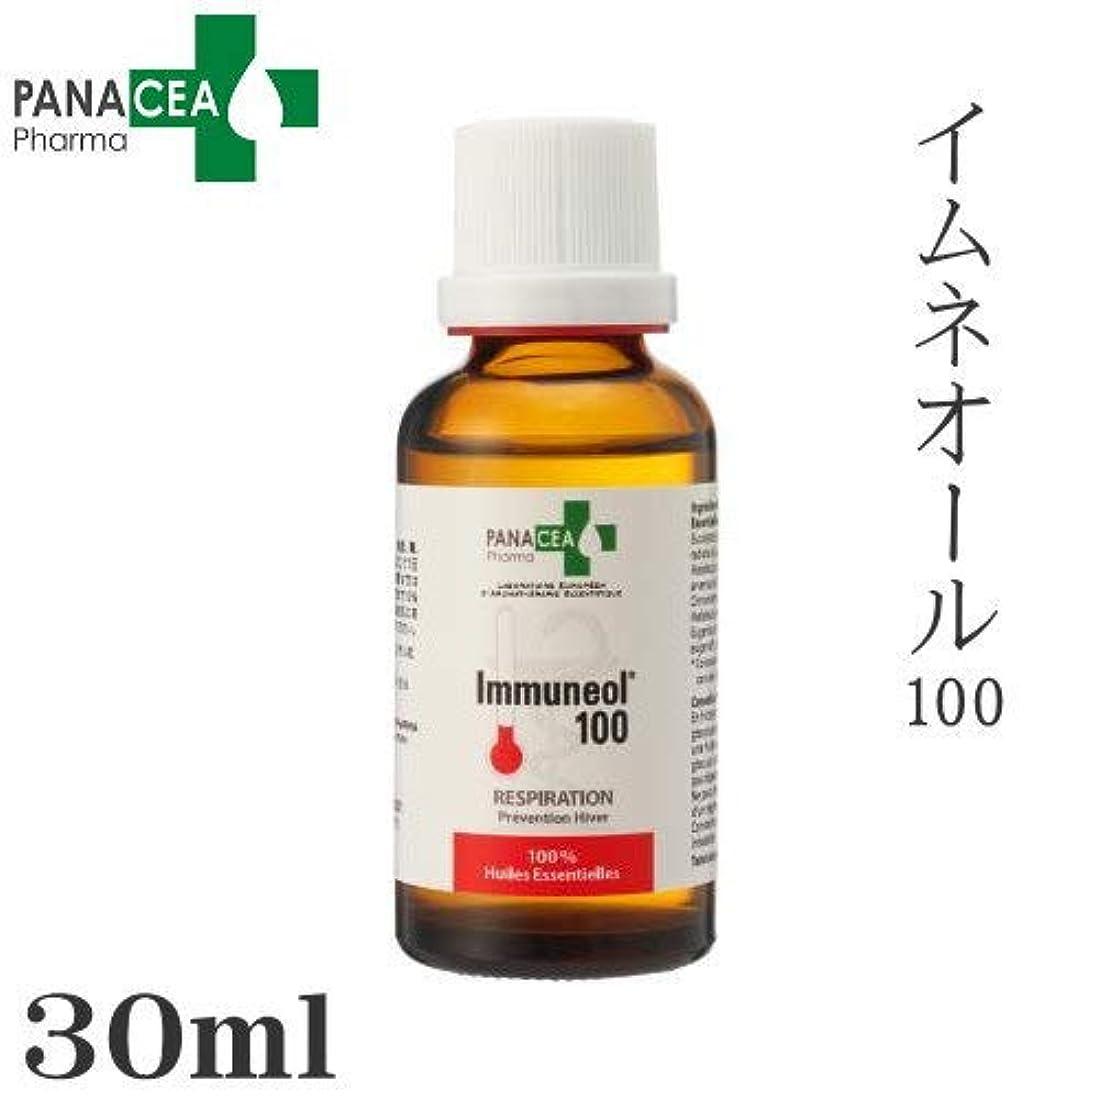 レガシーミリメートル特殊PANACEA PHARMA パナセア ファルマイムネオール100 正規品